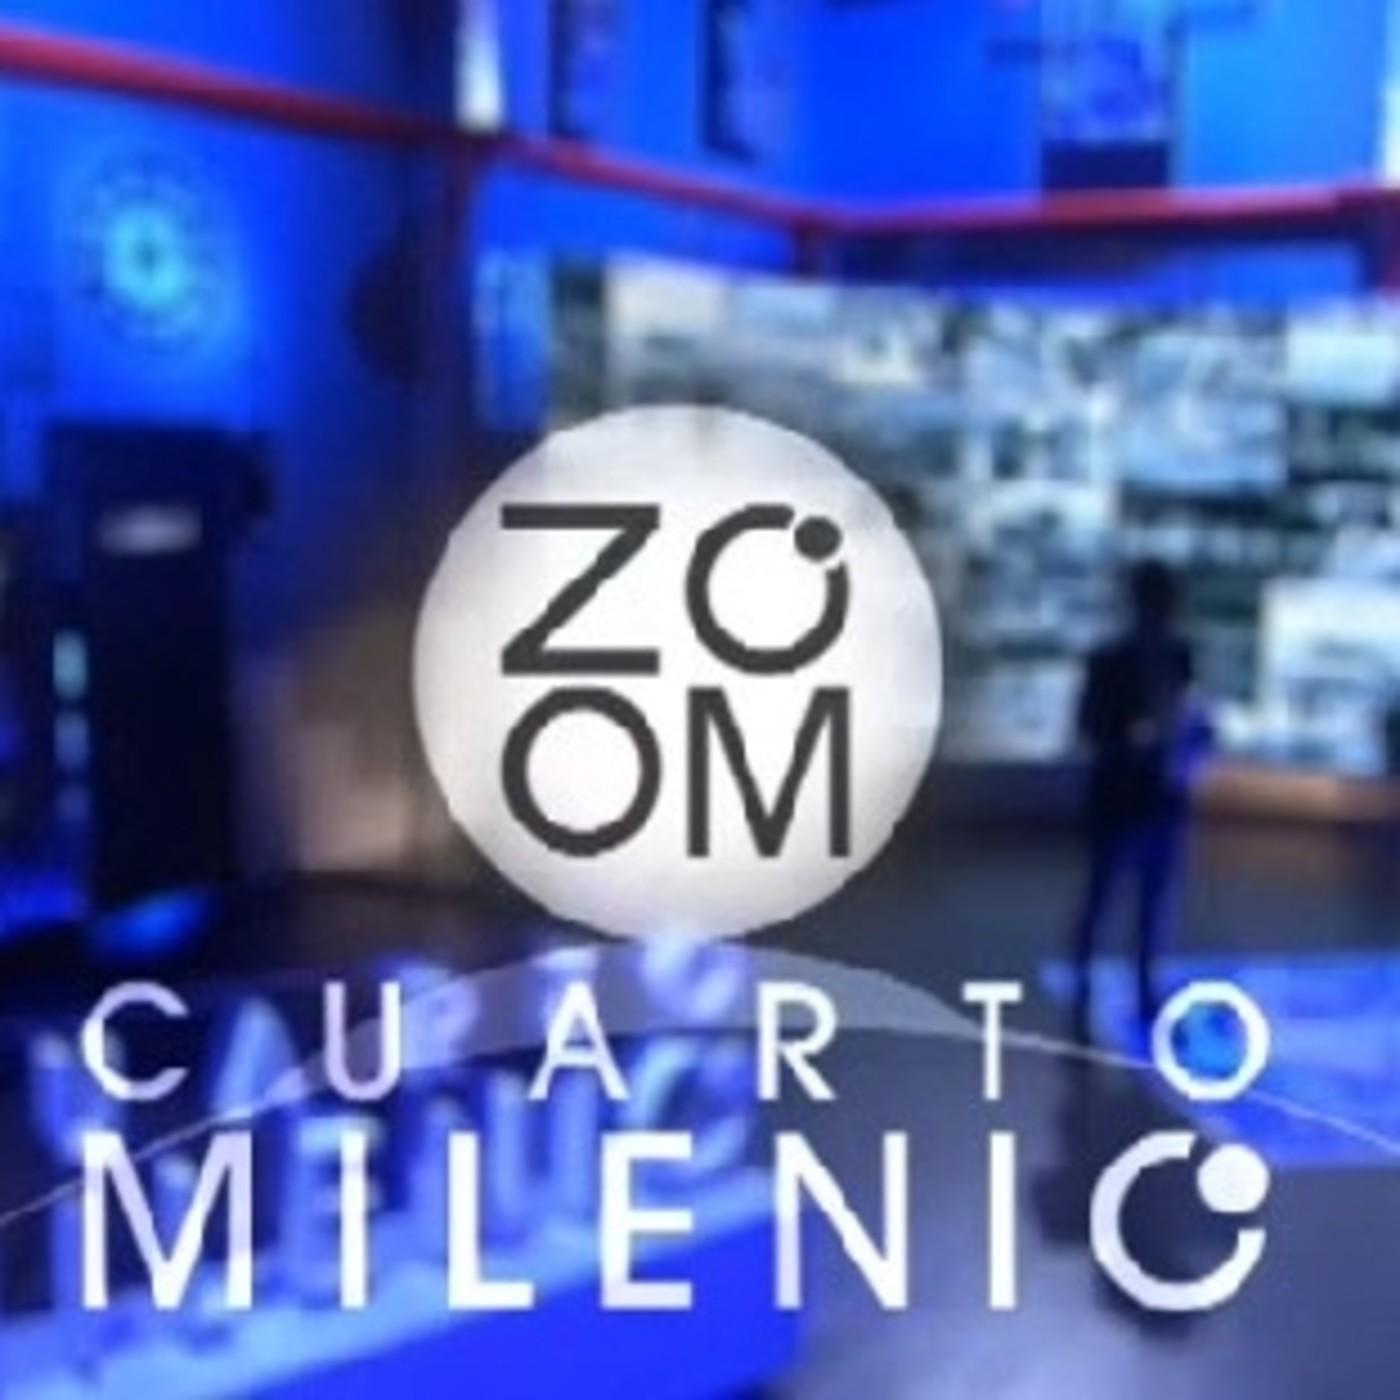 Cuarto milenio zoom 1x04 qu hay detr s de las for Ver cuarto milenio zoom